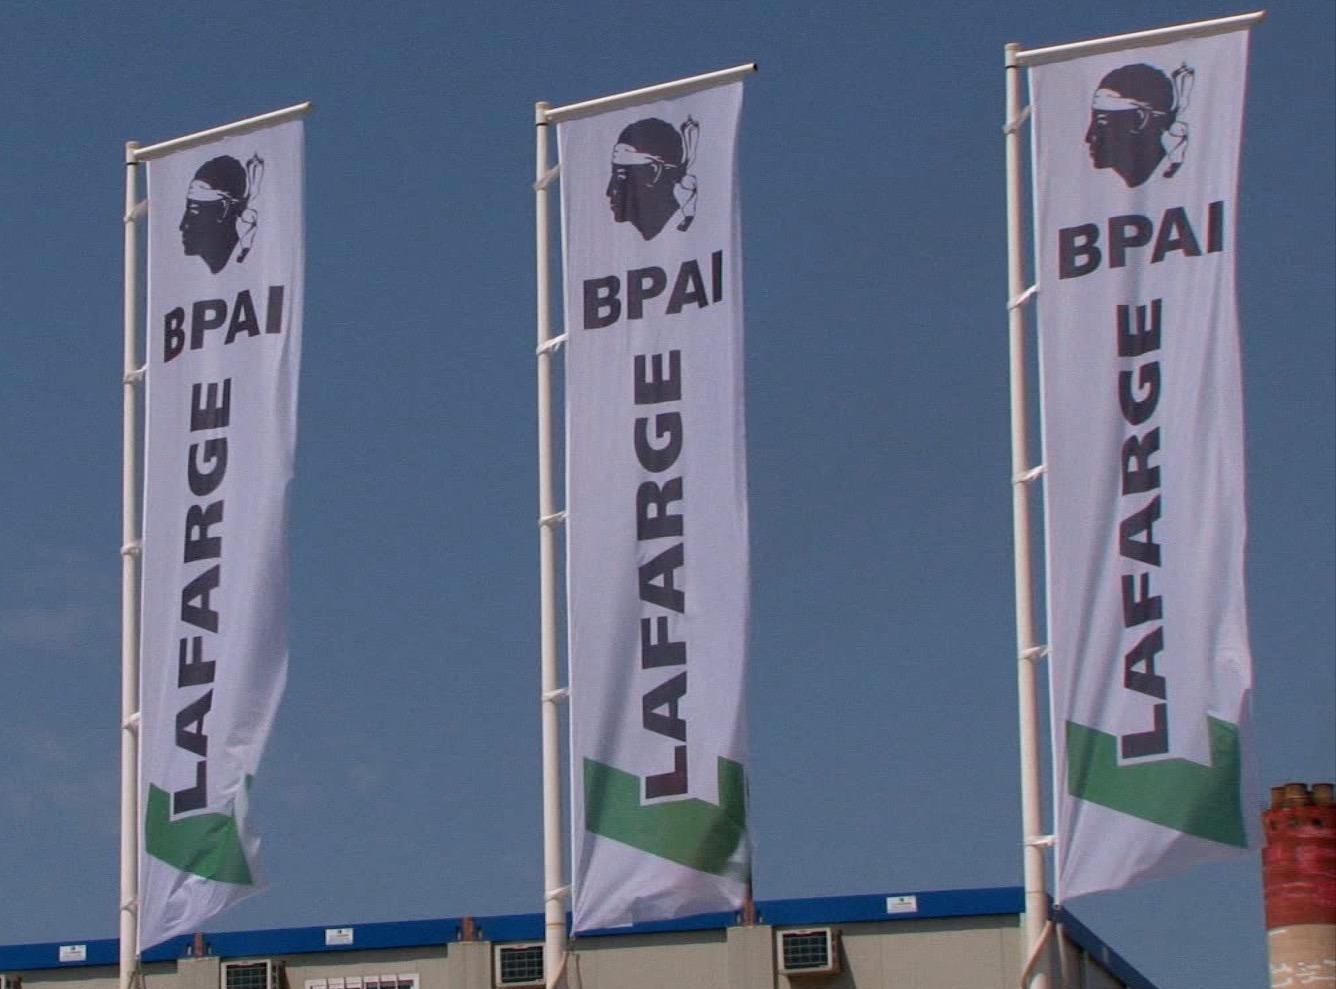 Centrale à béton camion toupie camion malaxeur ou bétonnière BPAI partenaire Lafarge spécialiste du béton prêt à l'emploi, béton décoratif, béton fluide autoplaçant, norme NF